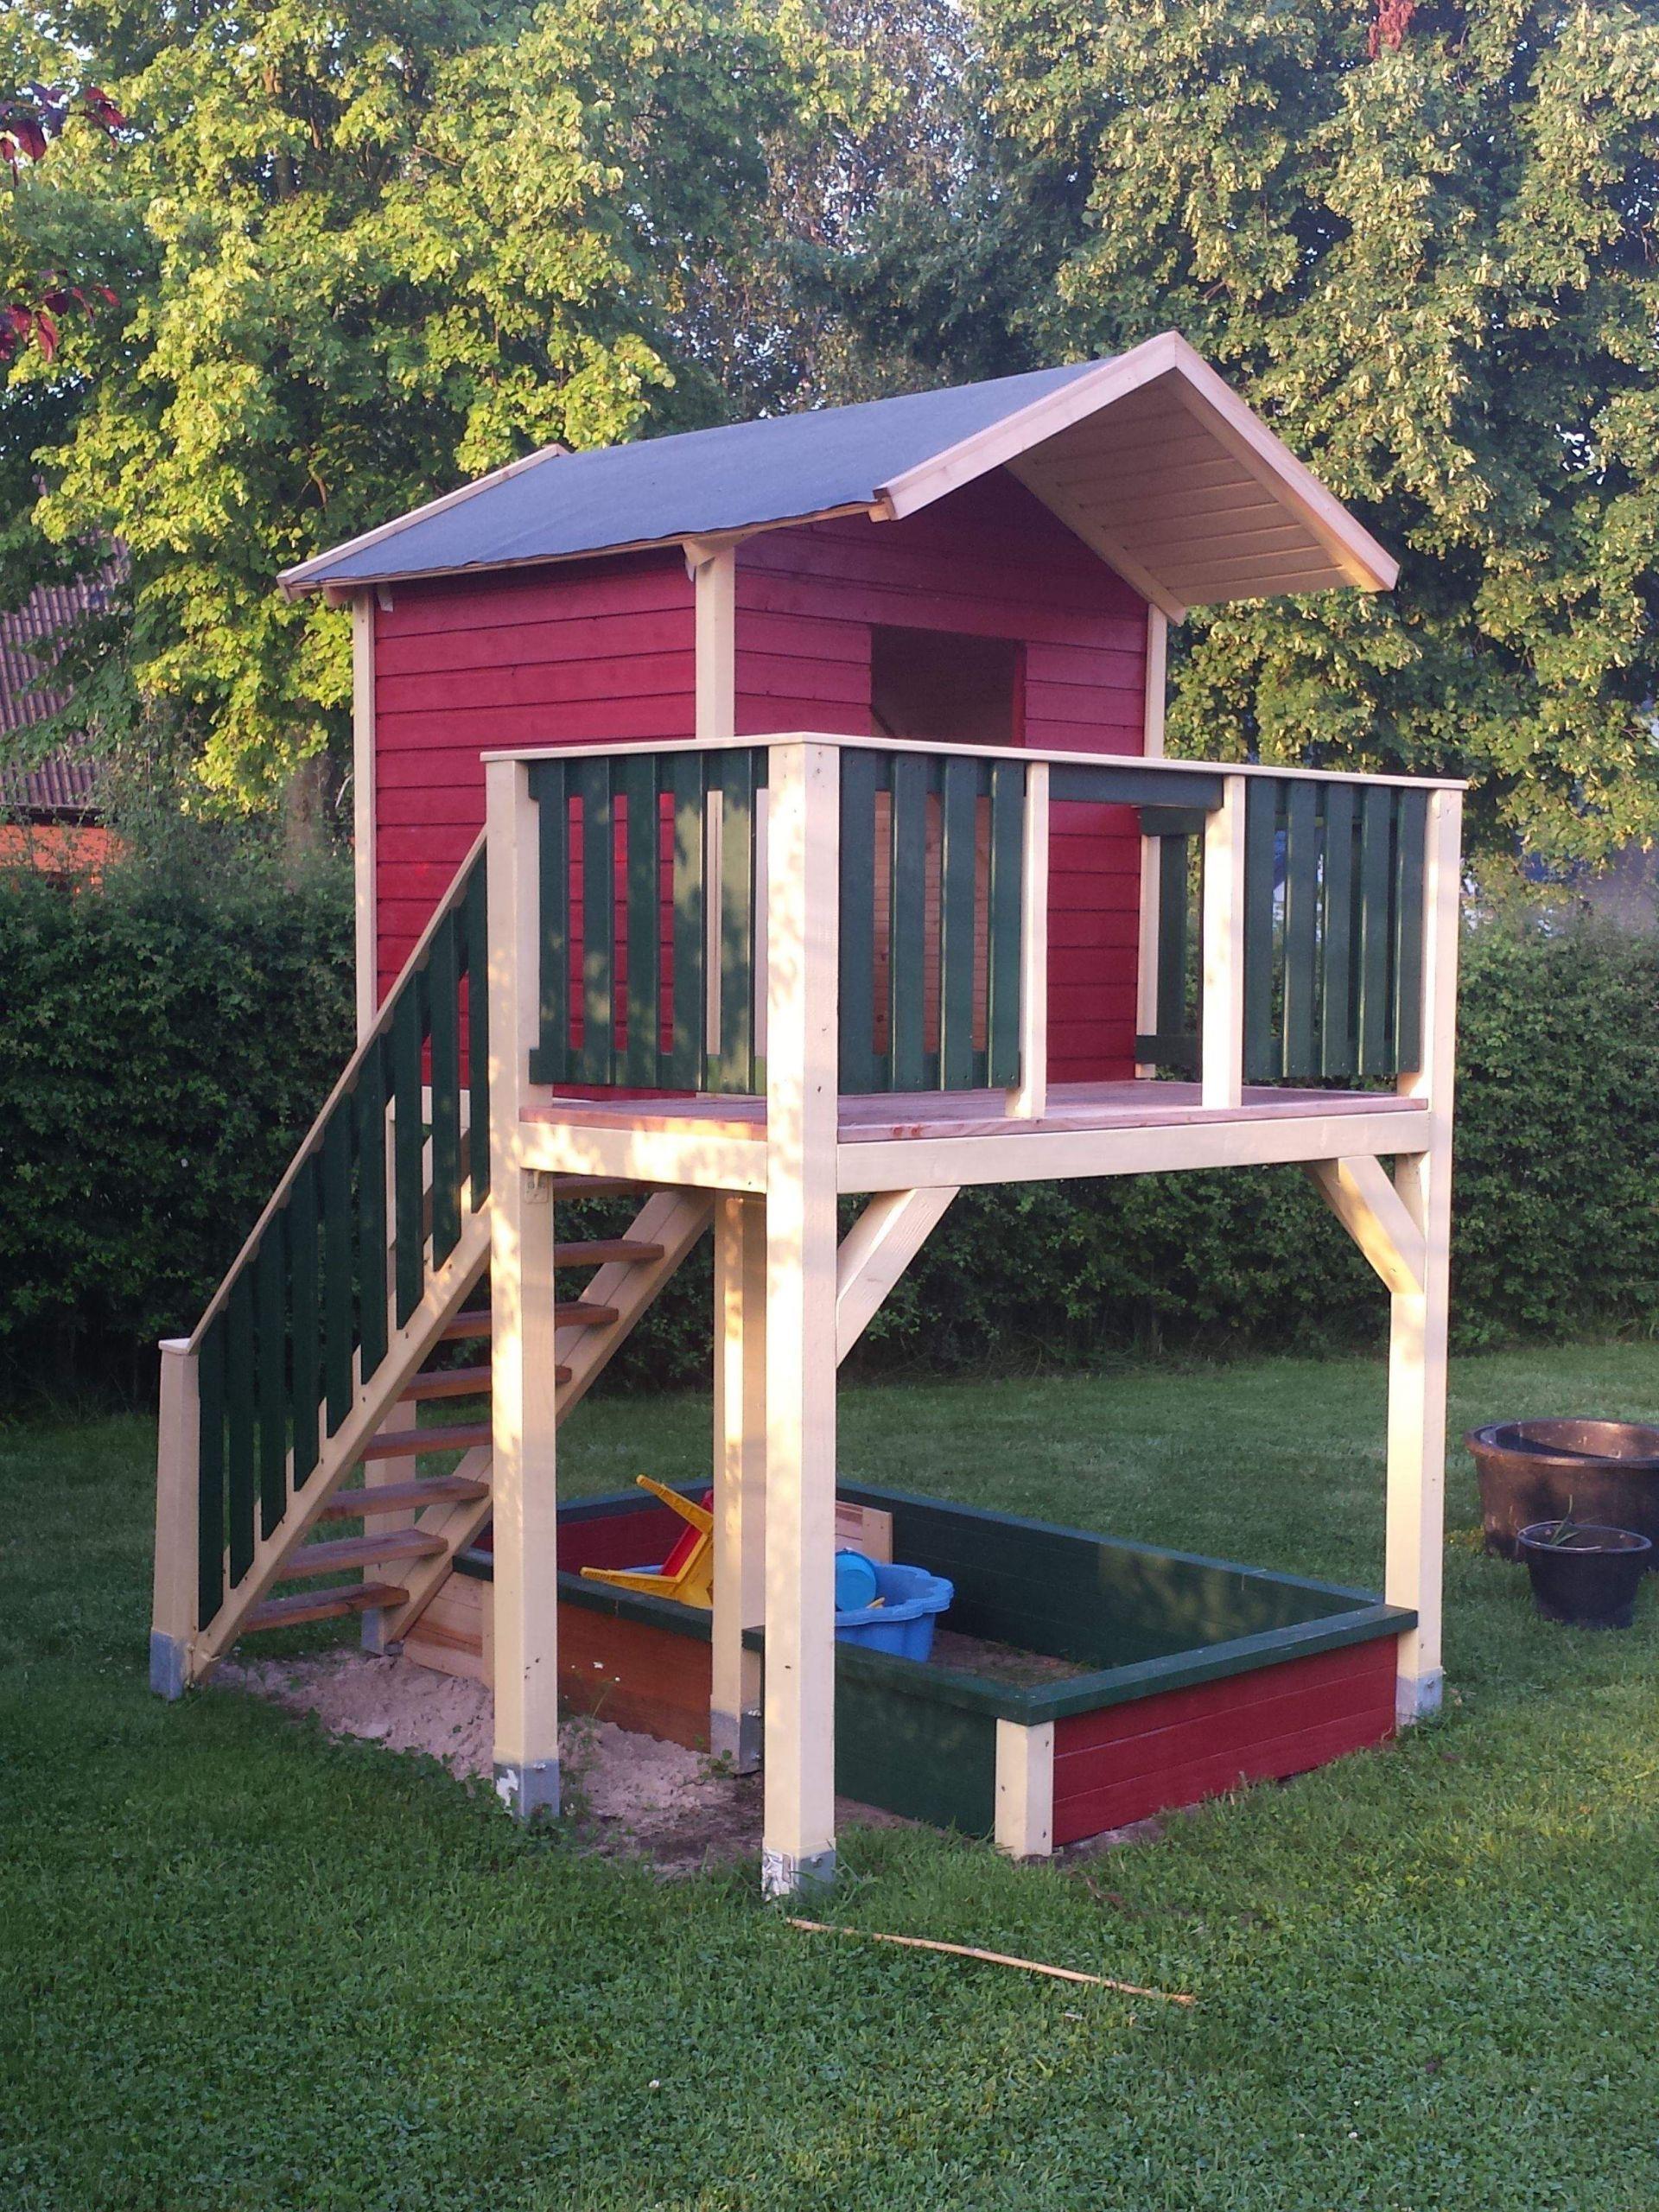 Spielhaus Garten Selber Bauen Inspirierend Spielturm Mit Treppe Bauanleitung Zum Selber Bauen